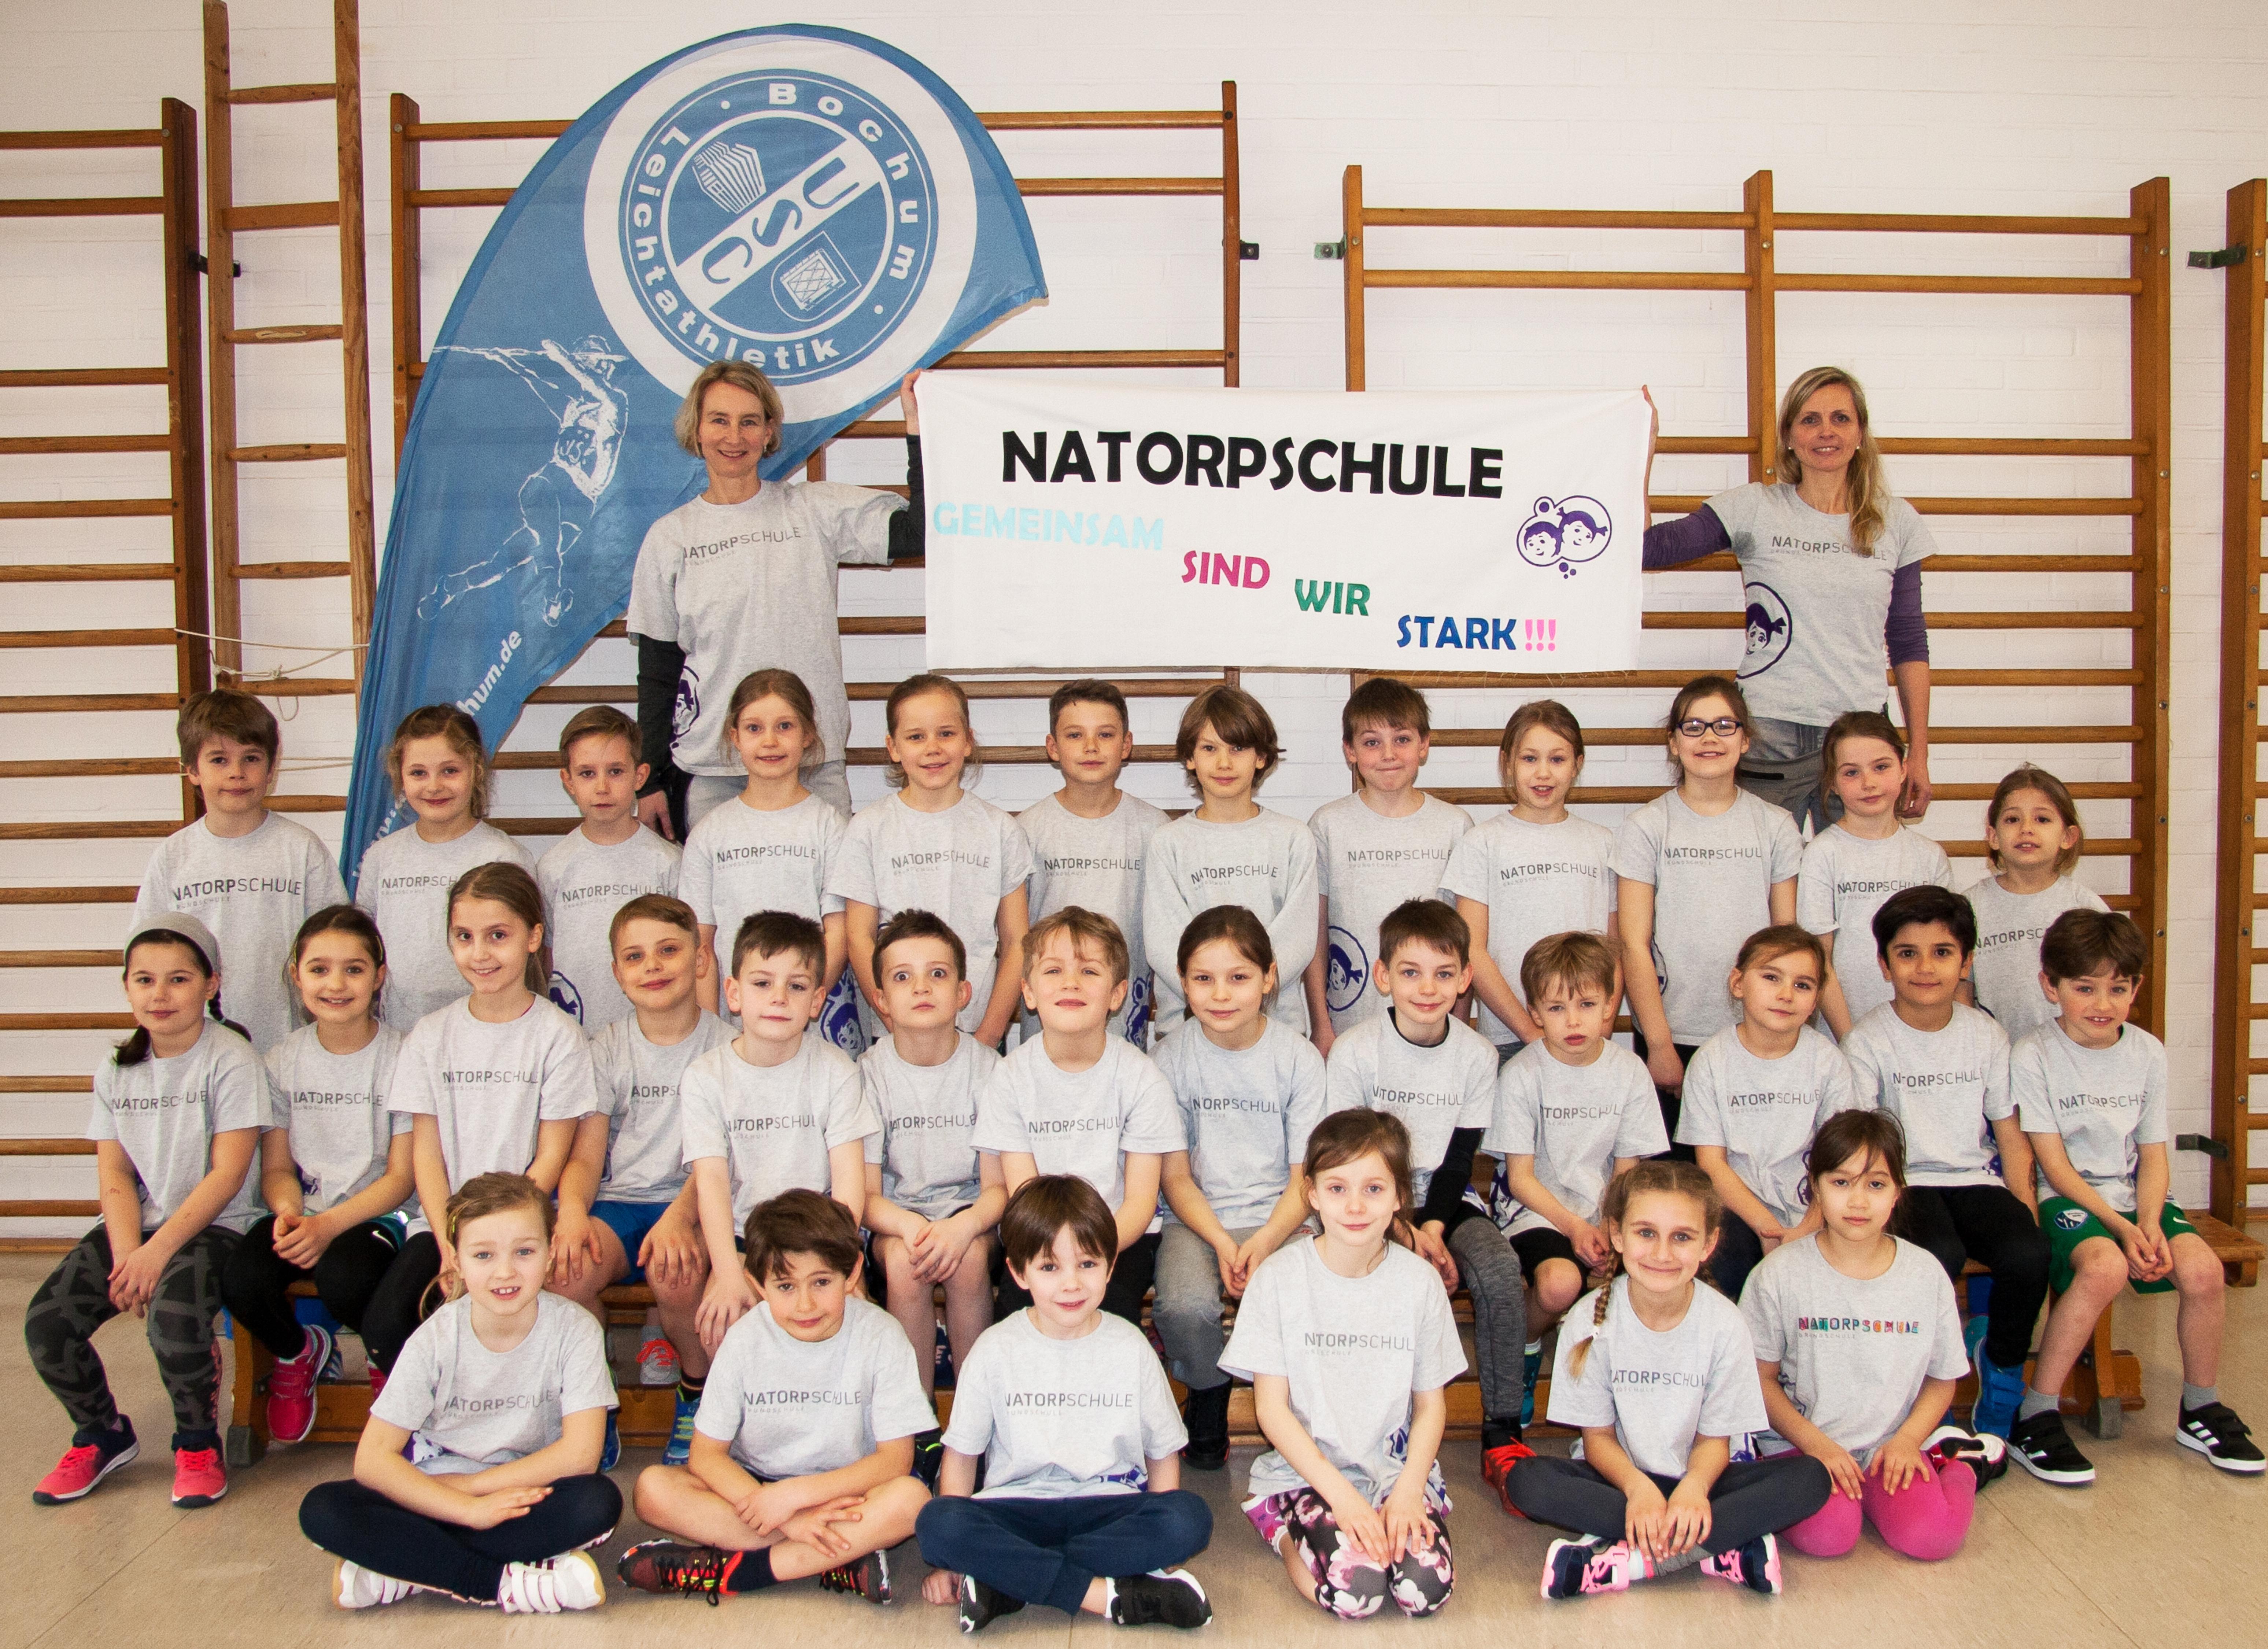 Natorpschule - M- f-2019-03-16--7642